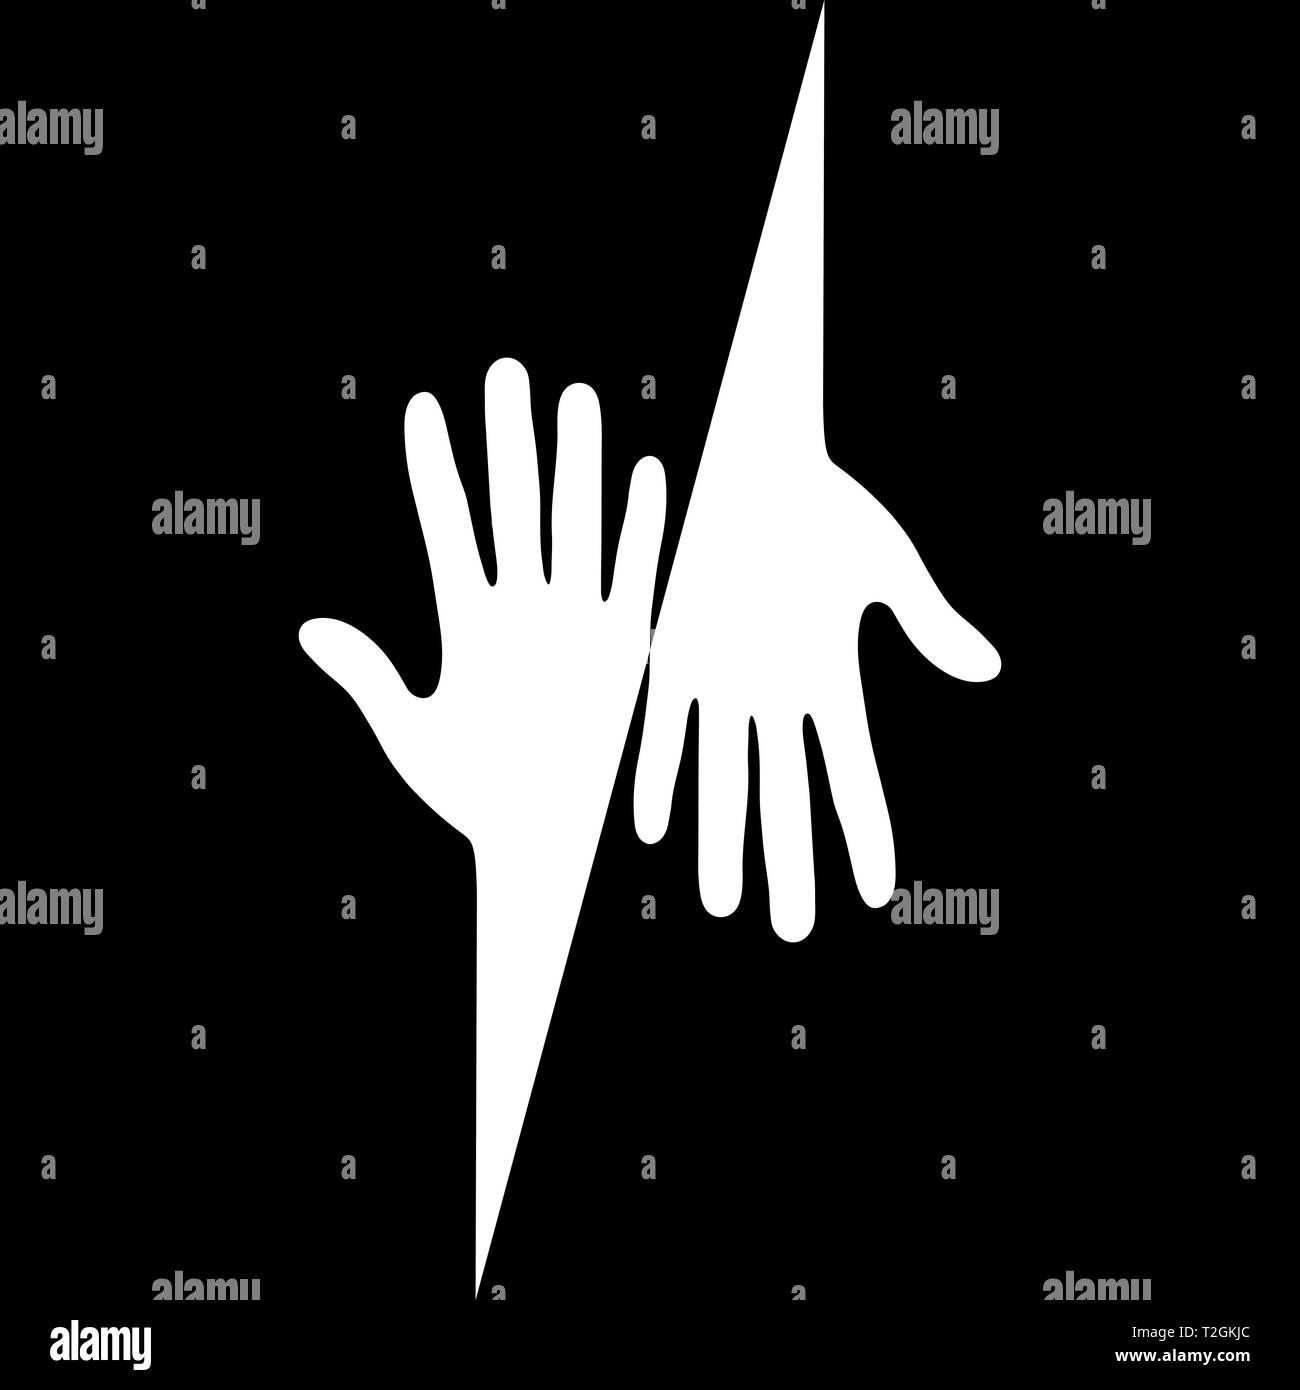 Weiße Silhouette von zwei Hände mit Fingern auf schwarzem Hintergrund, einfaches Design Stock Vektor